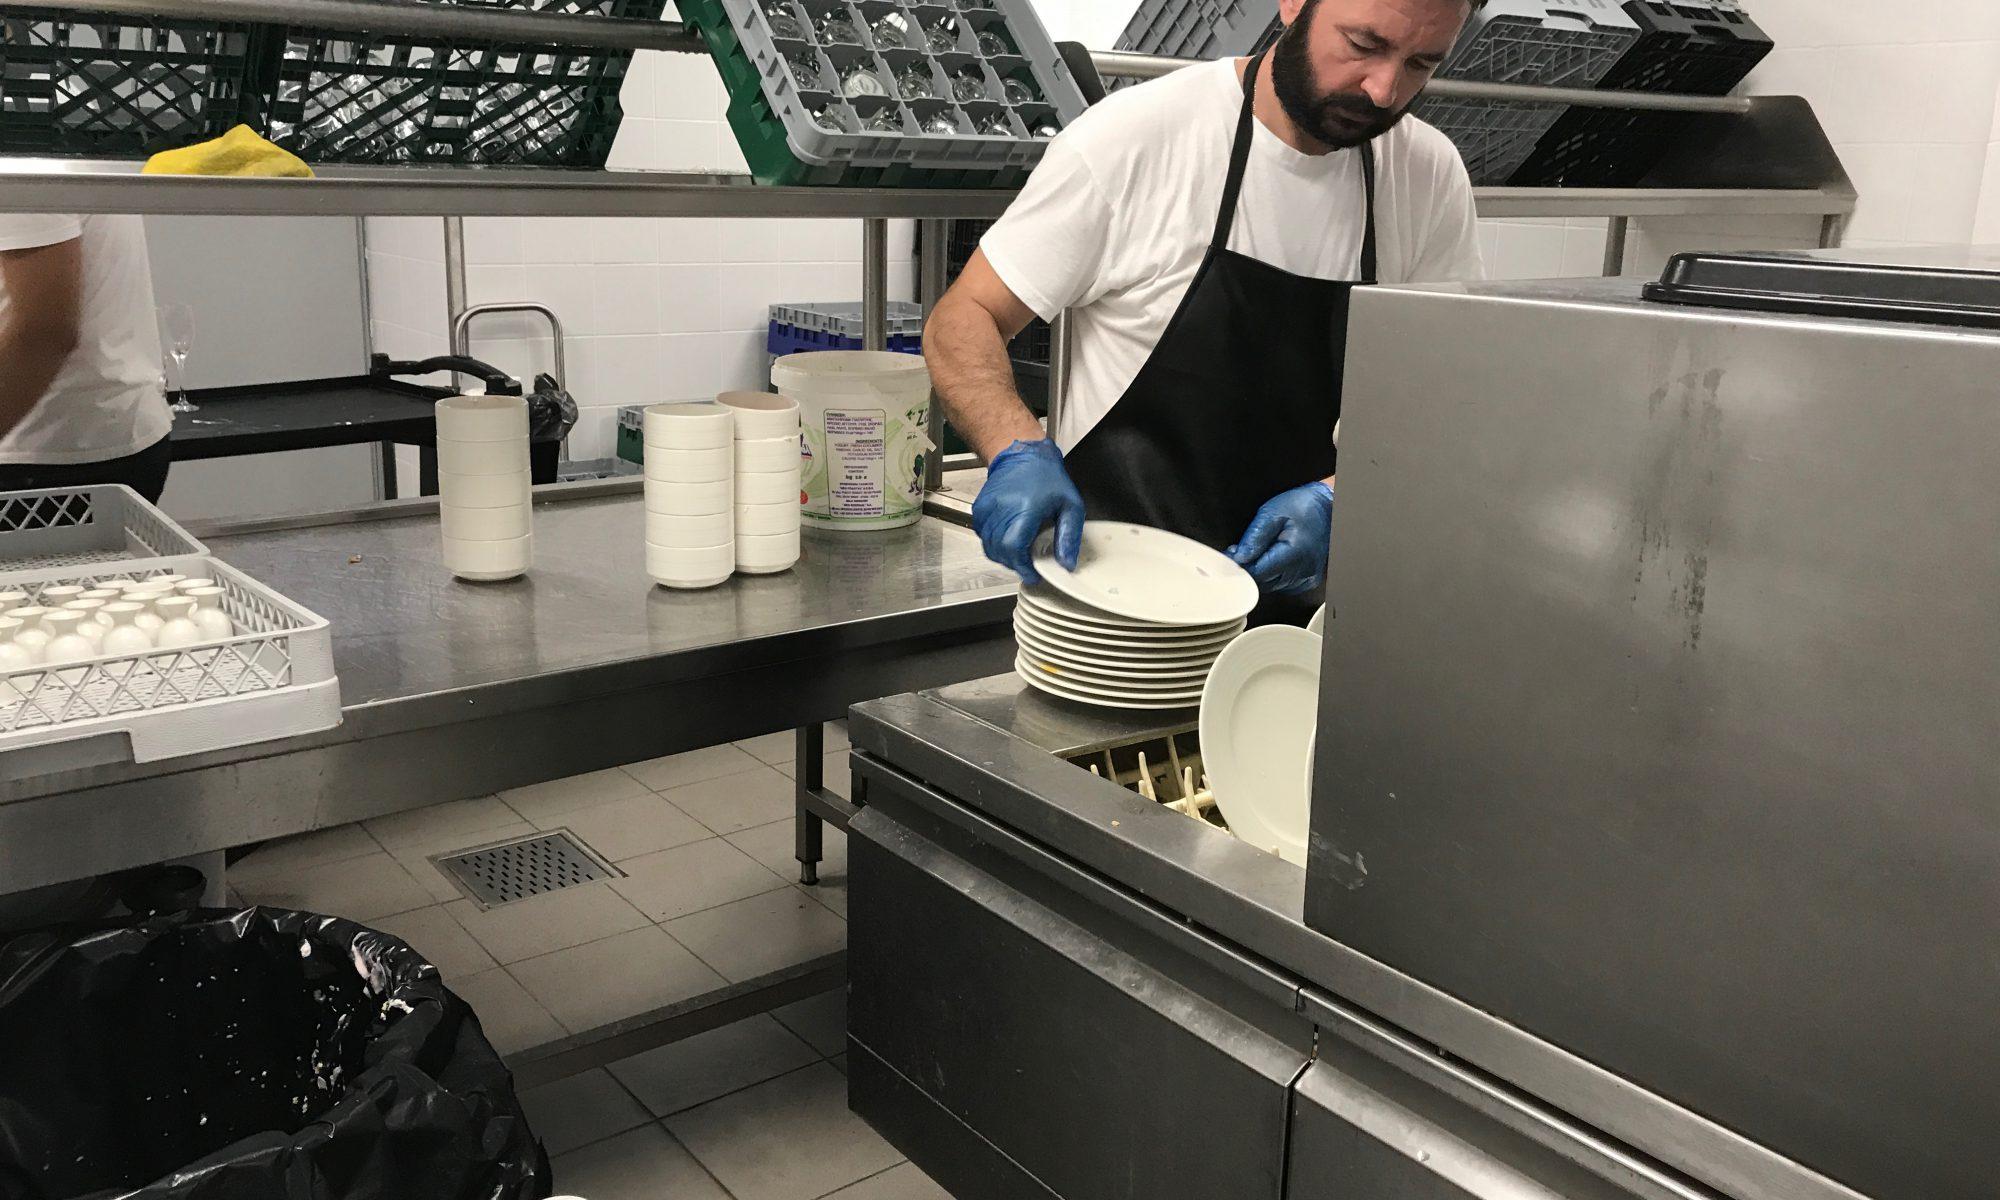 Porzellan in der Spülküche